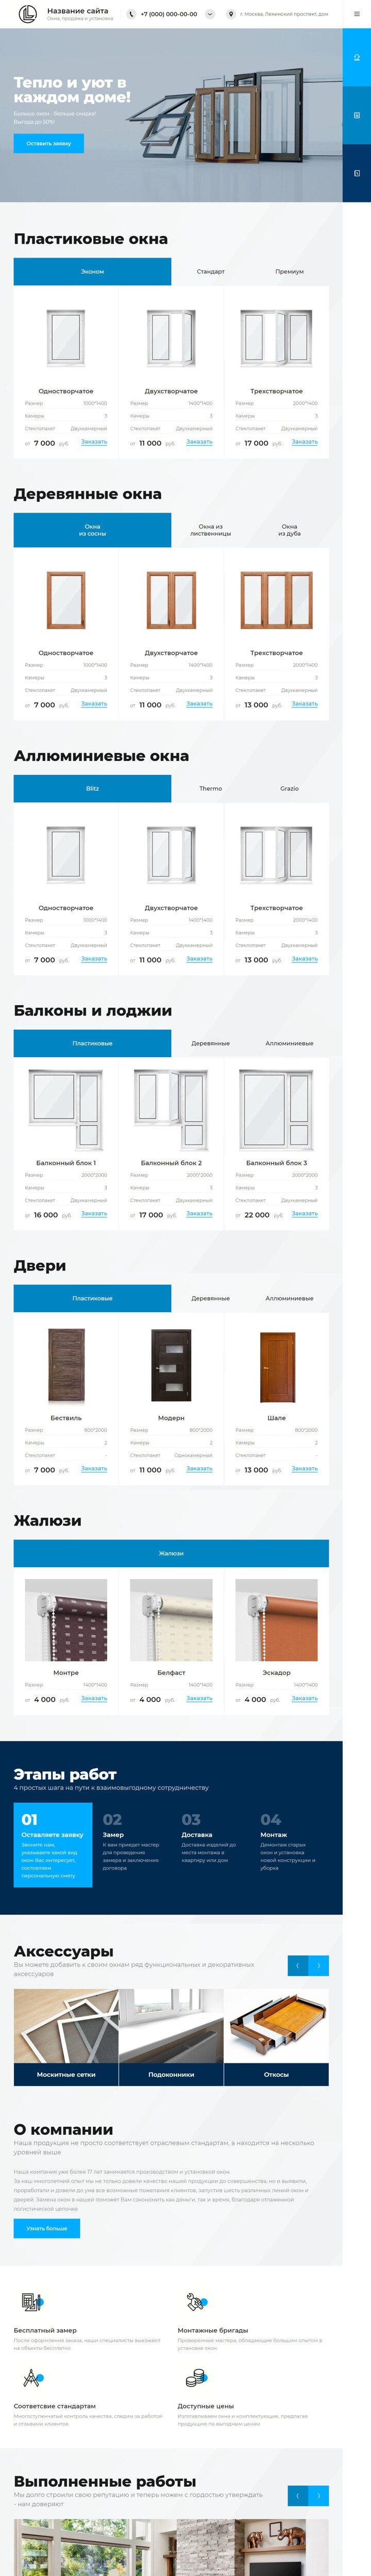 Готовый Сайт-Бизнес #2869513 - Окна, остекление балконов (Главная 3)